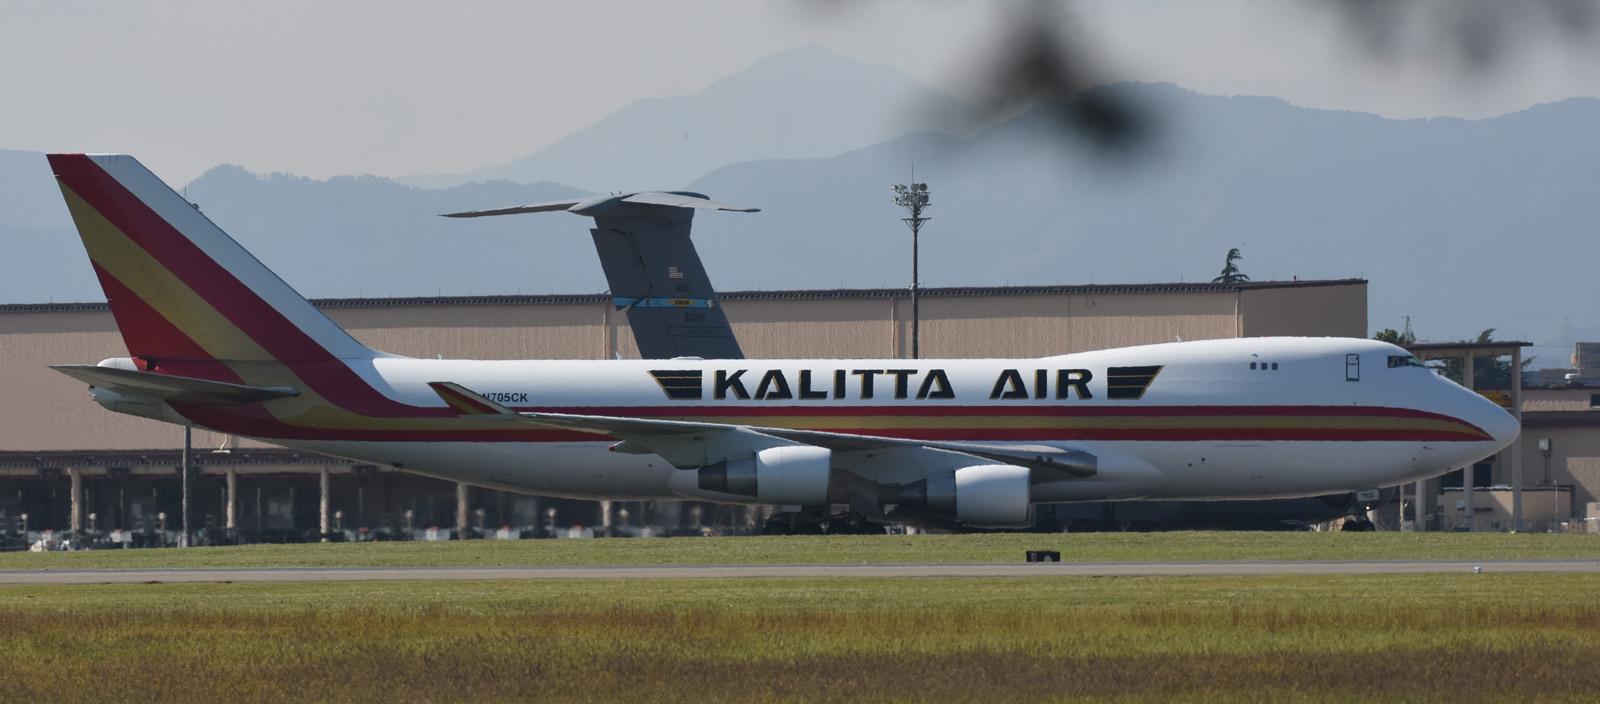 Kalitta171018g489